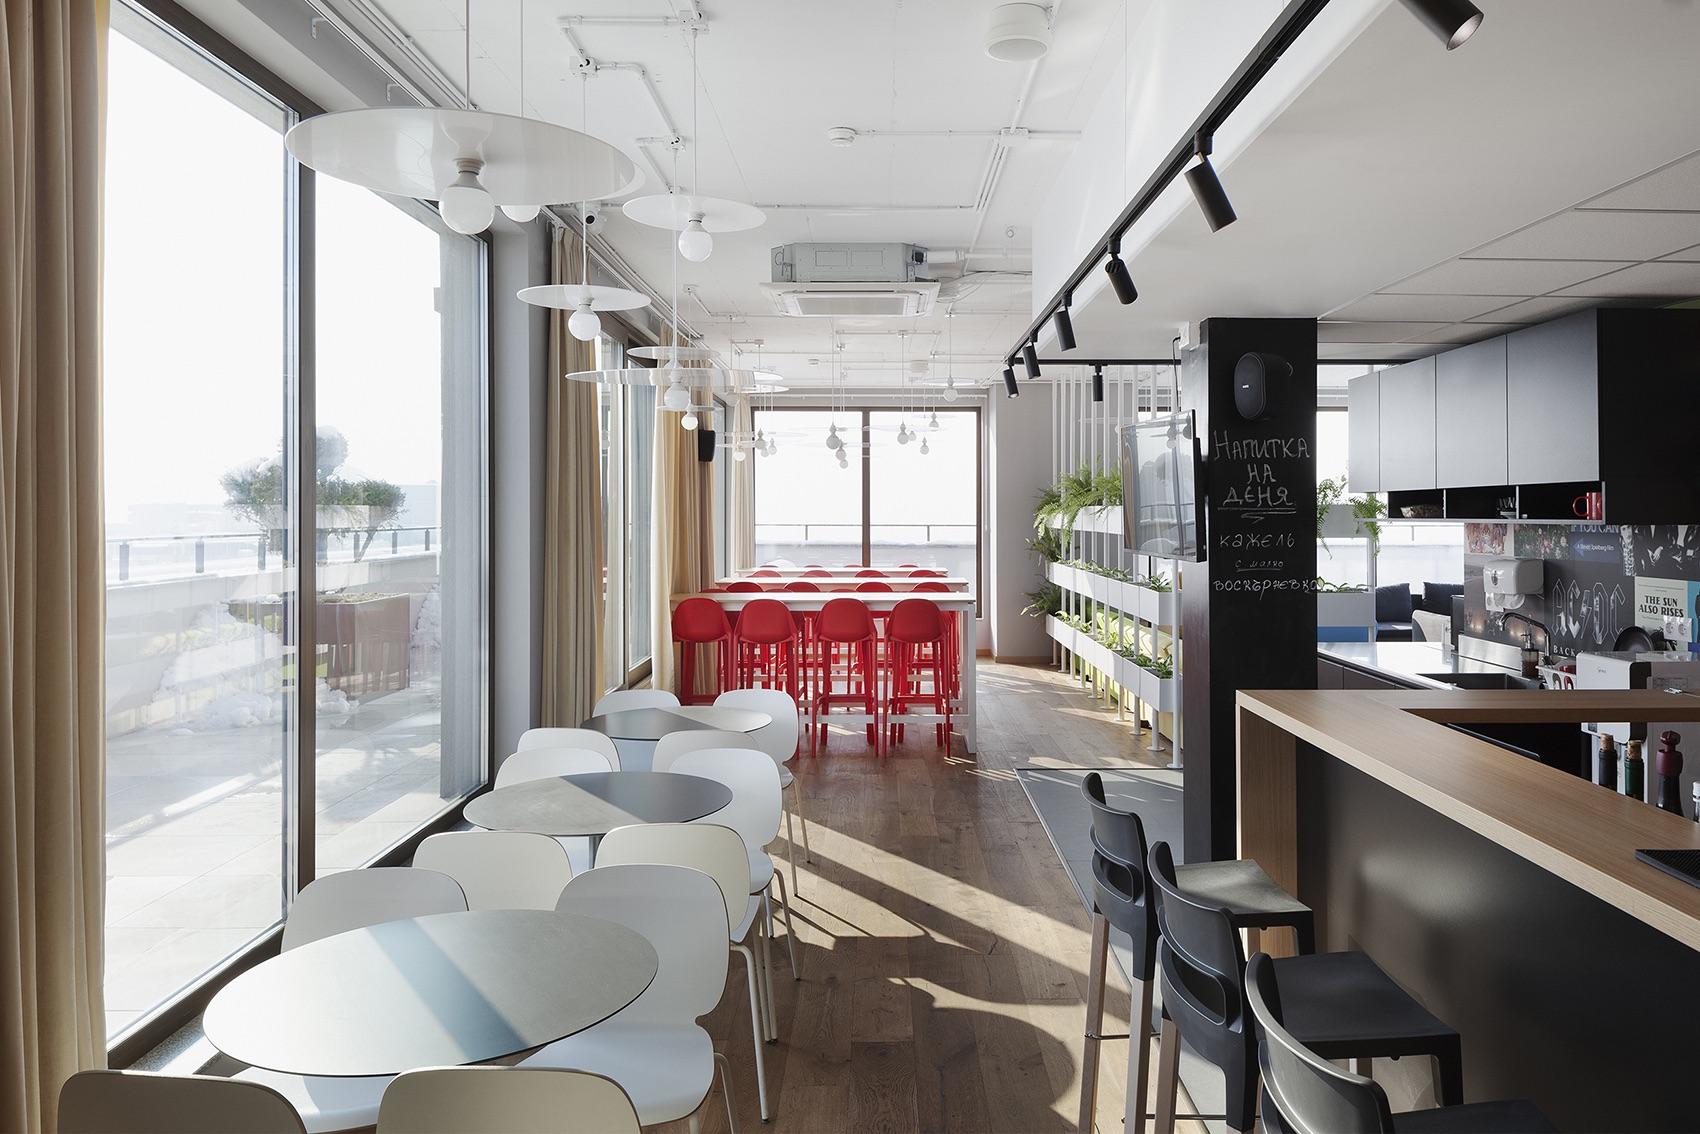 cache-atelier-interior-design-office-space-accedia-bulgaria-sofia_24